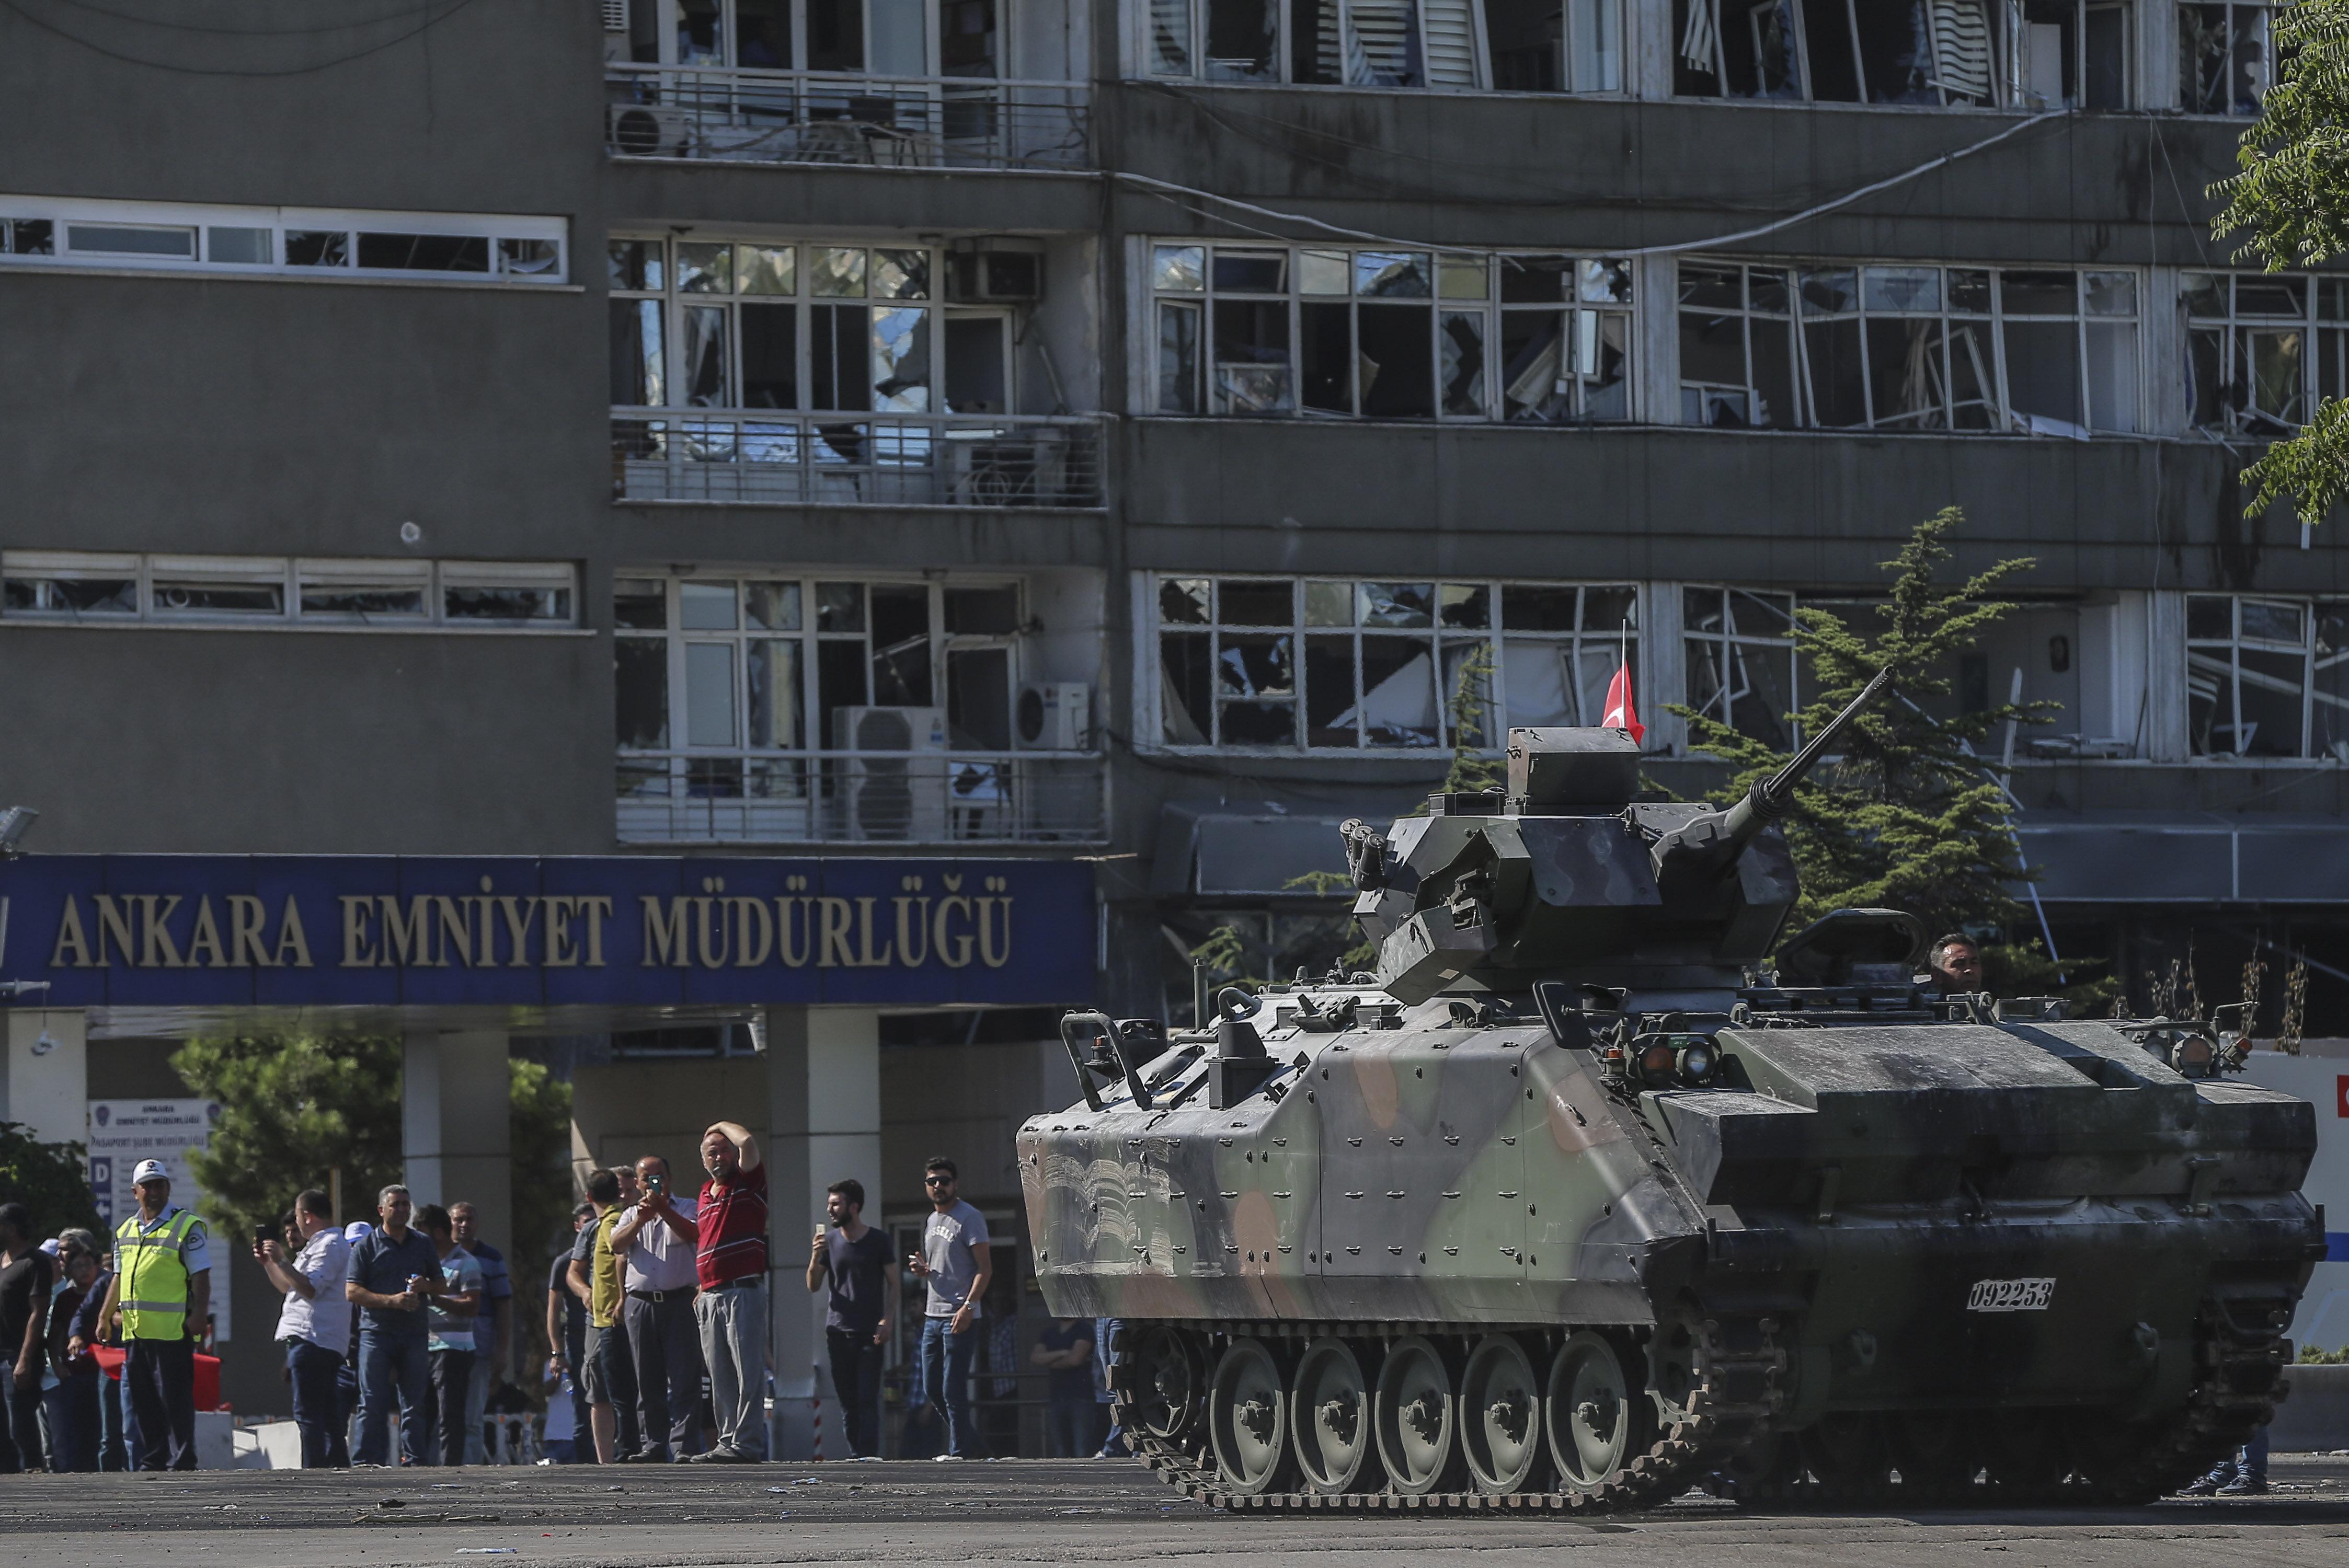 Sabah saat 05.13'e kadar devam eden direnişin ardından darbecilerin kontrolündeki 6 tanka el konuldu, askerler ise gözaltına alındı.